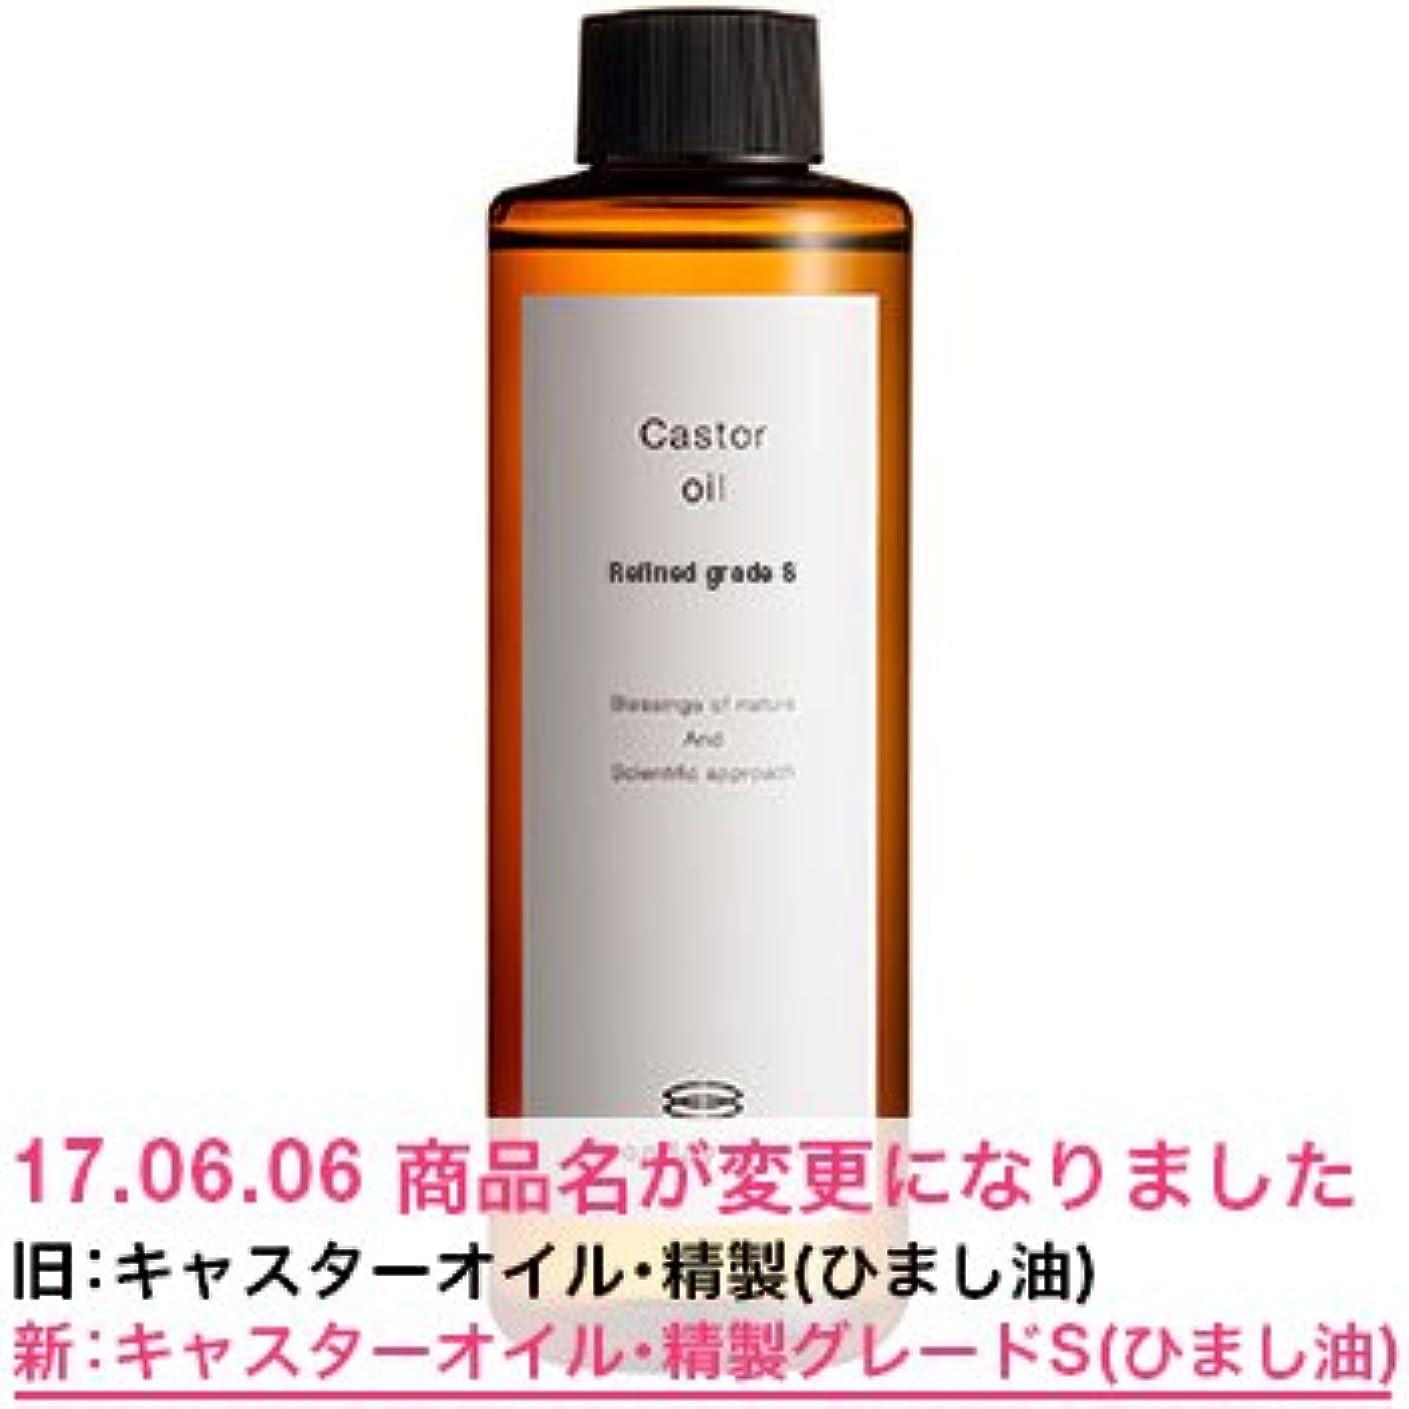 シビック人気のレキシコンキャスターオイル?精製グレードS(ひまし油)/200ml